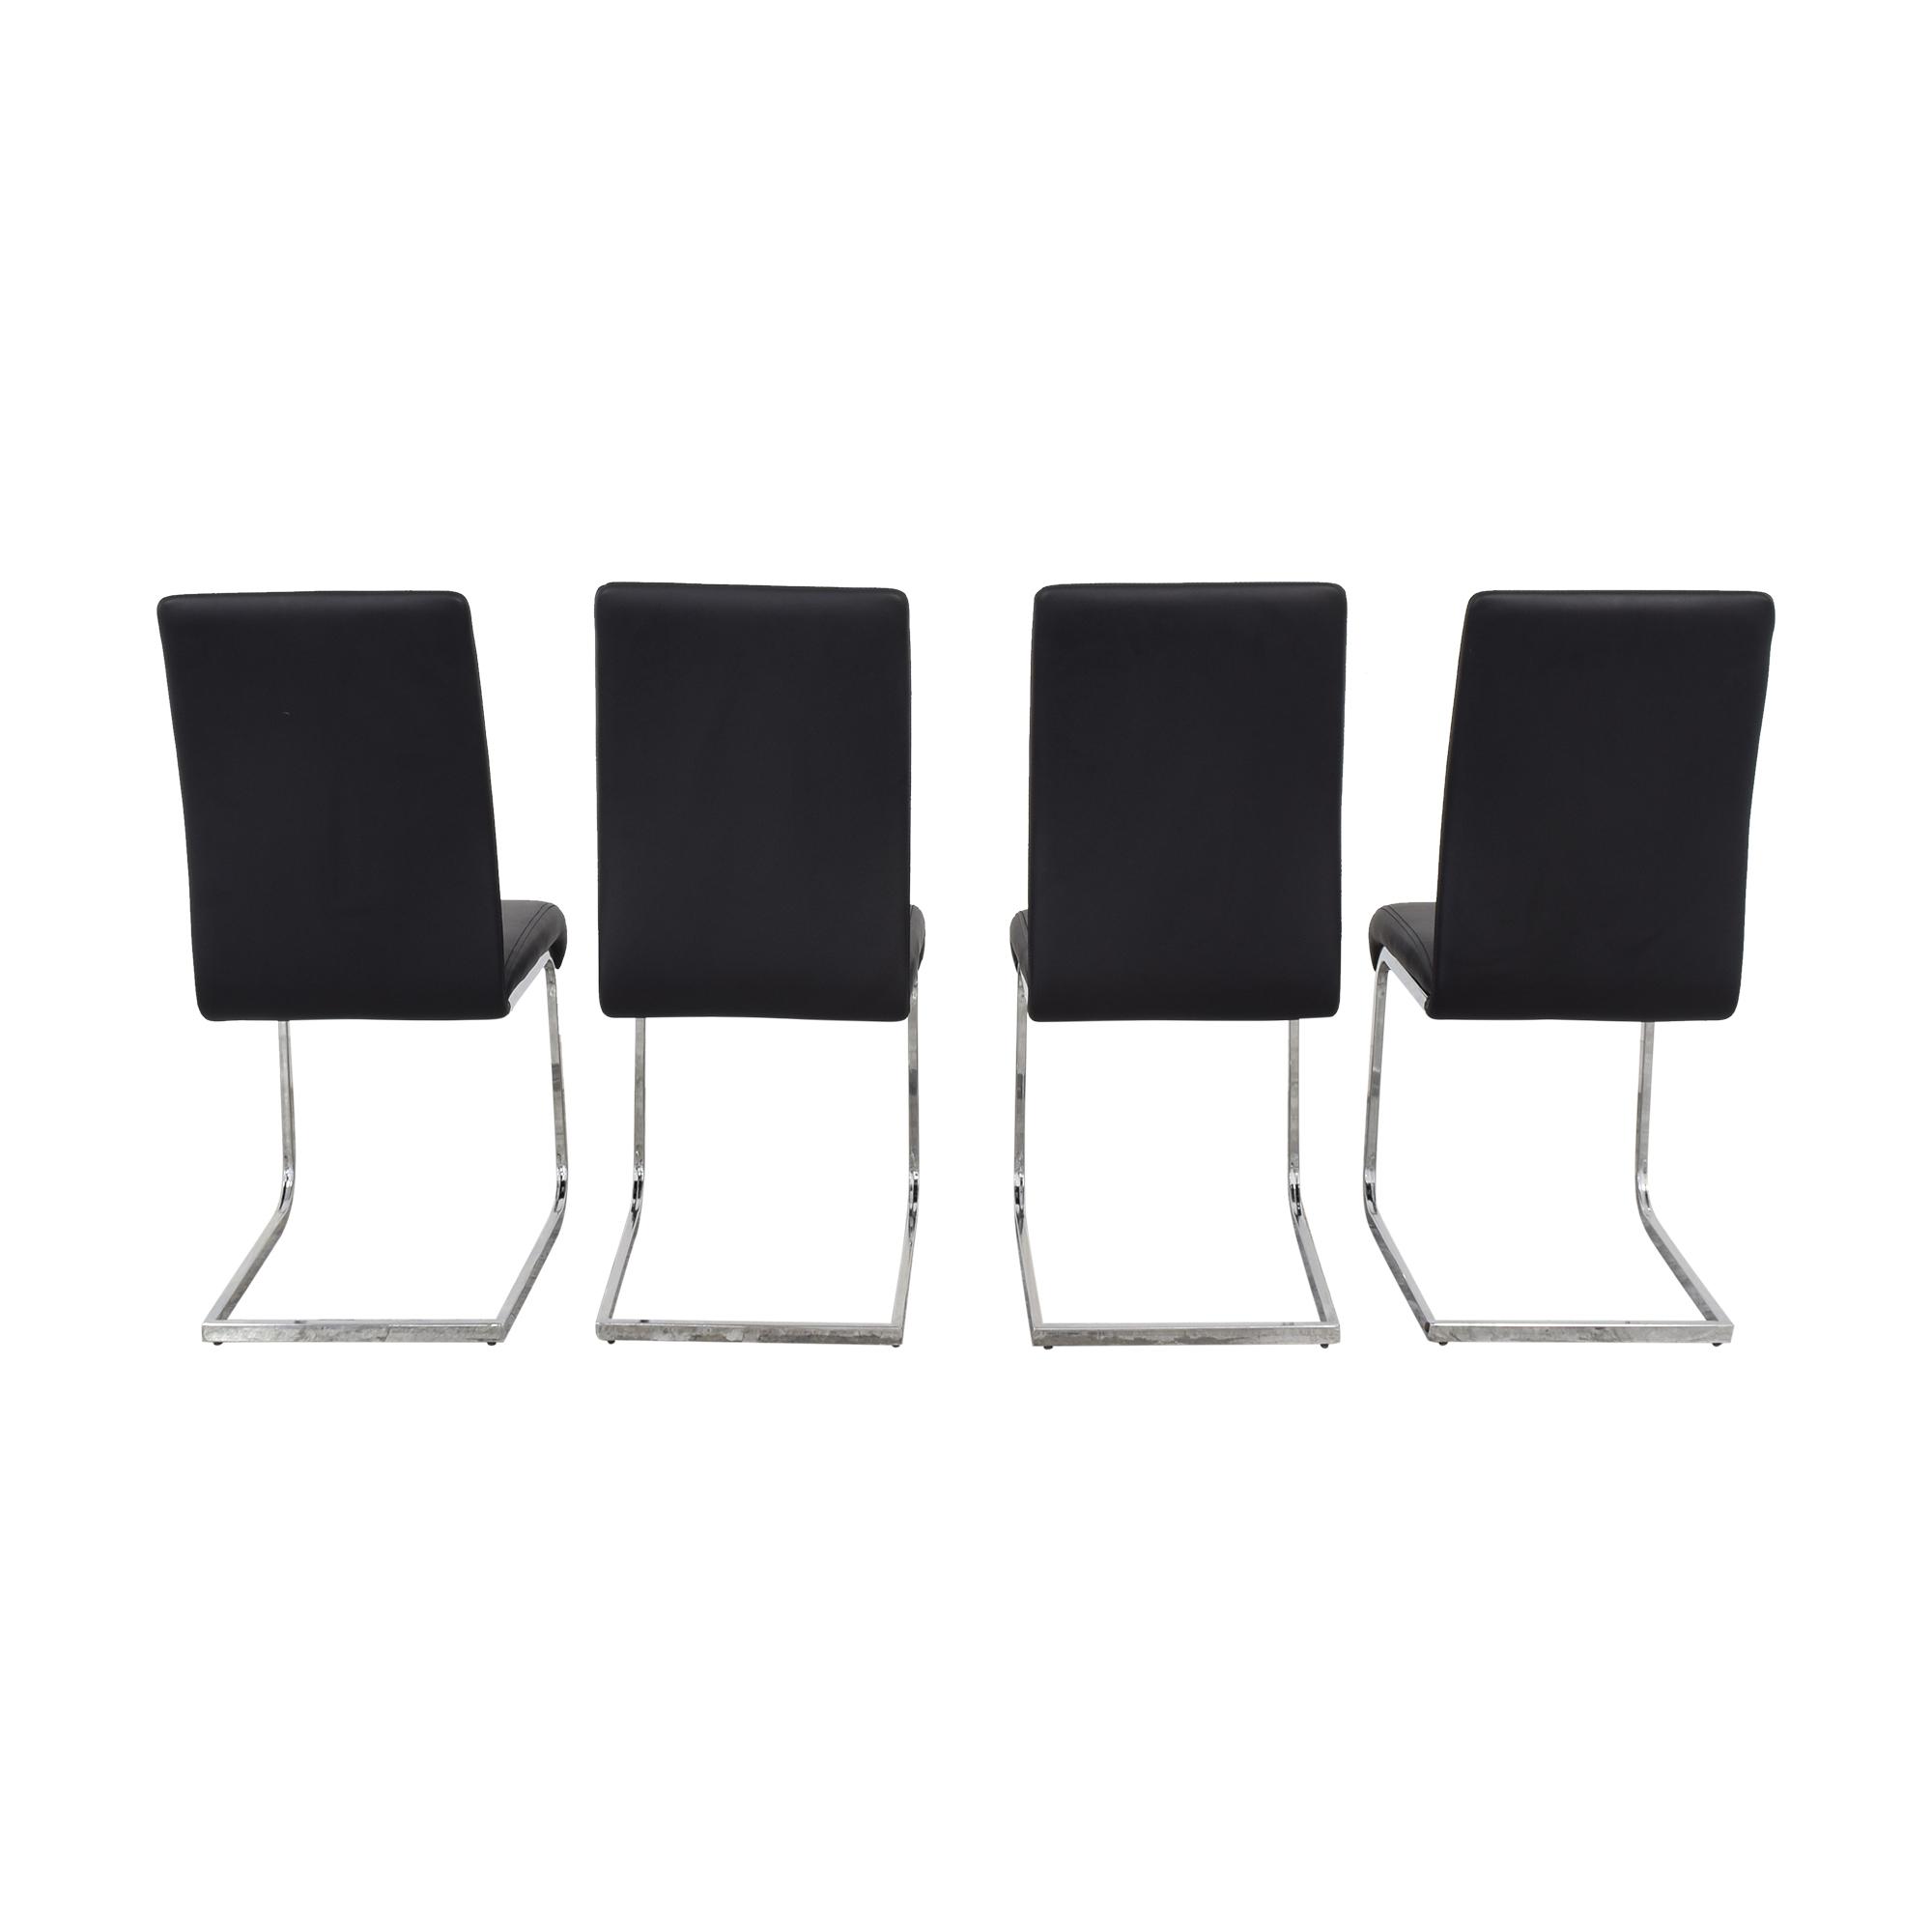 CB2 CB2 Silverado Chairs nj